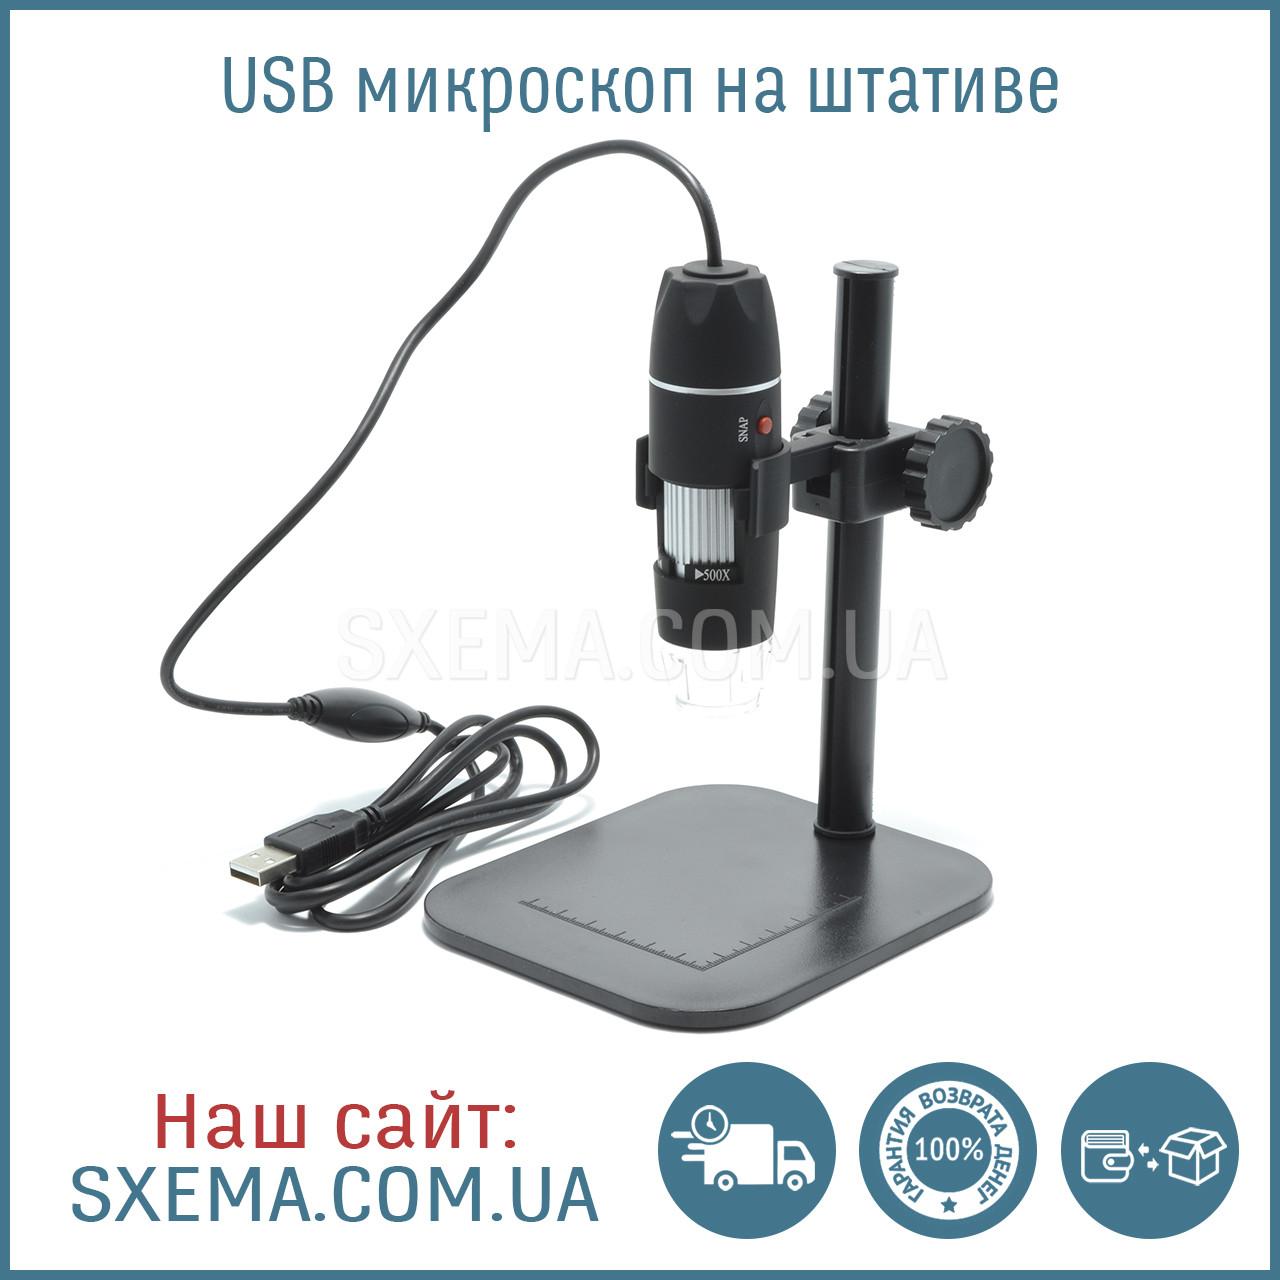 Цифровой usb-микроскоп на штативе U500X